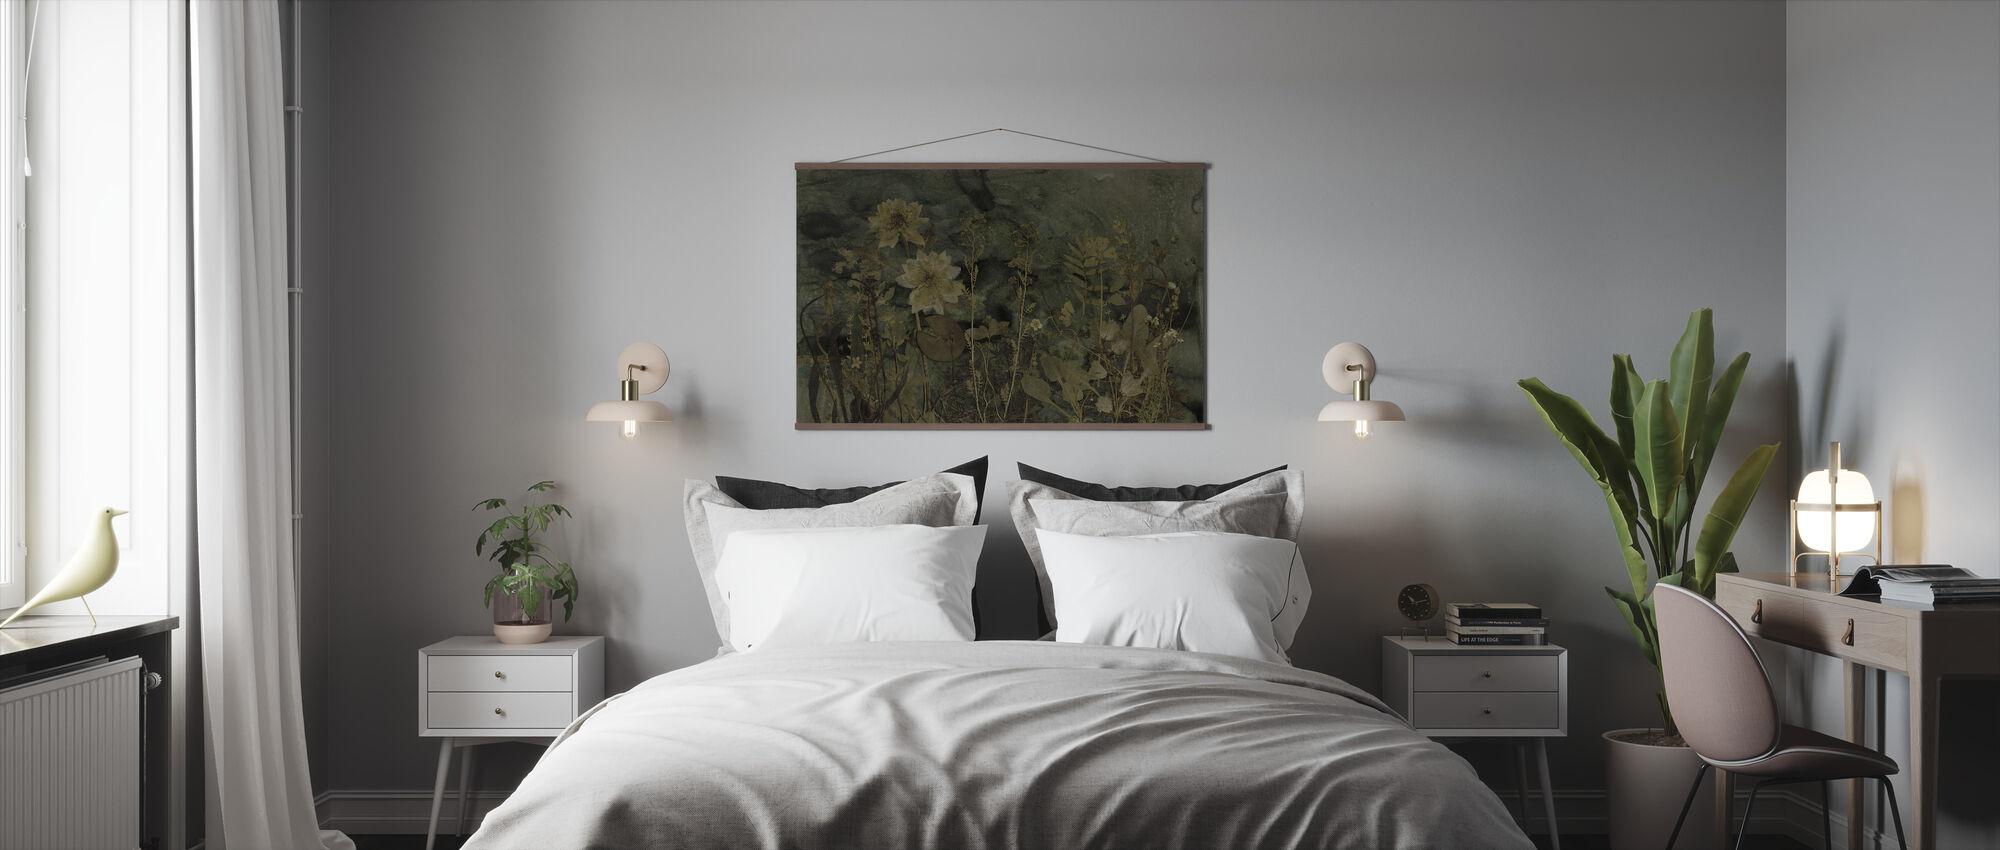 Teddy - Poster - Bedroom